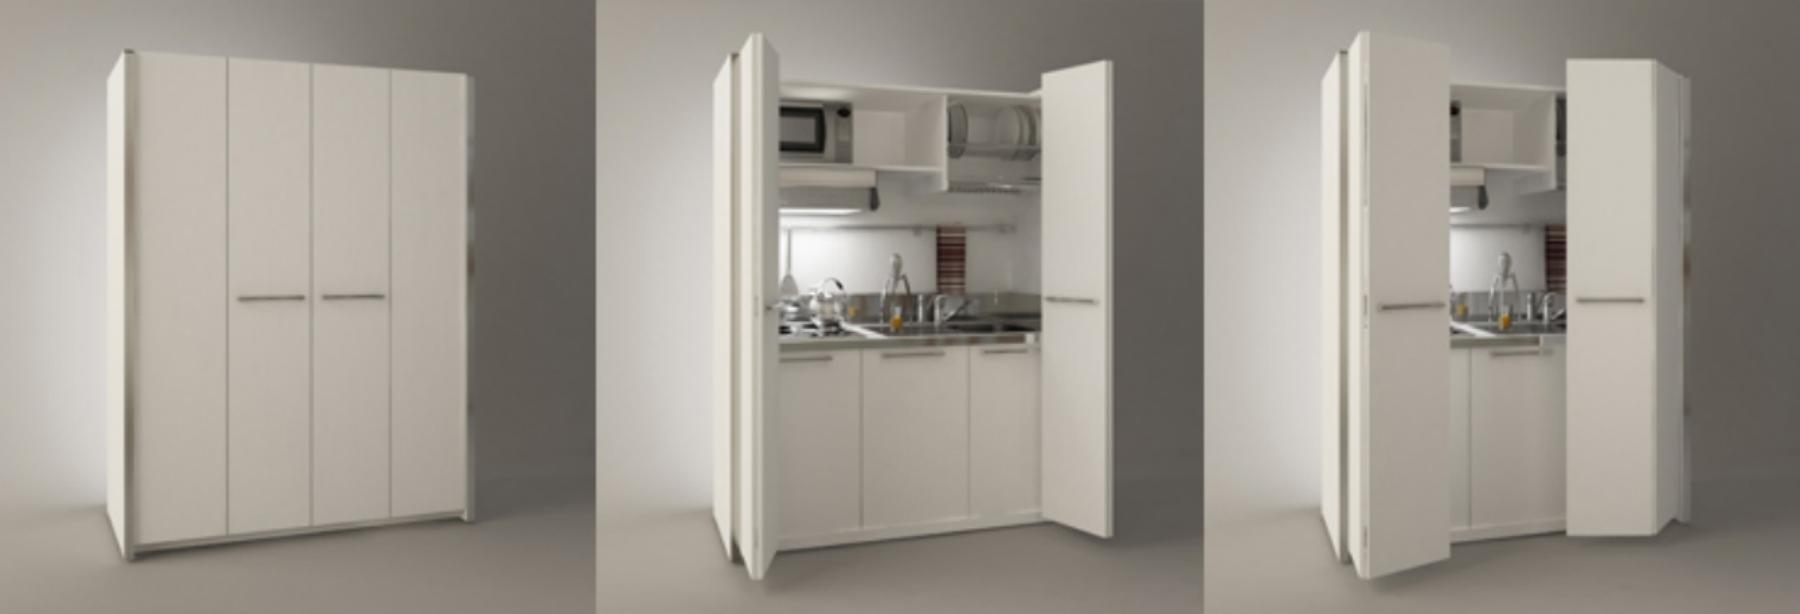 Cucine Armadio Monoblocco. Cucine Monoblocco Ecocompatta Veneta ...